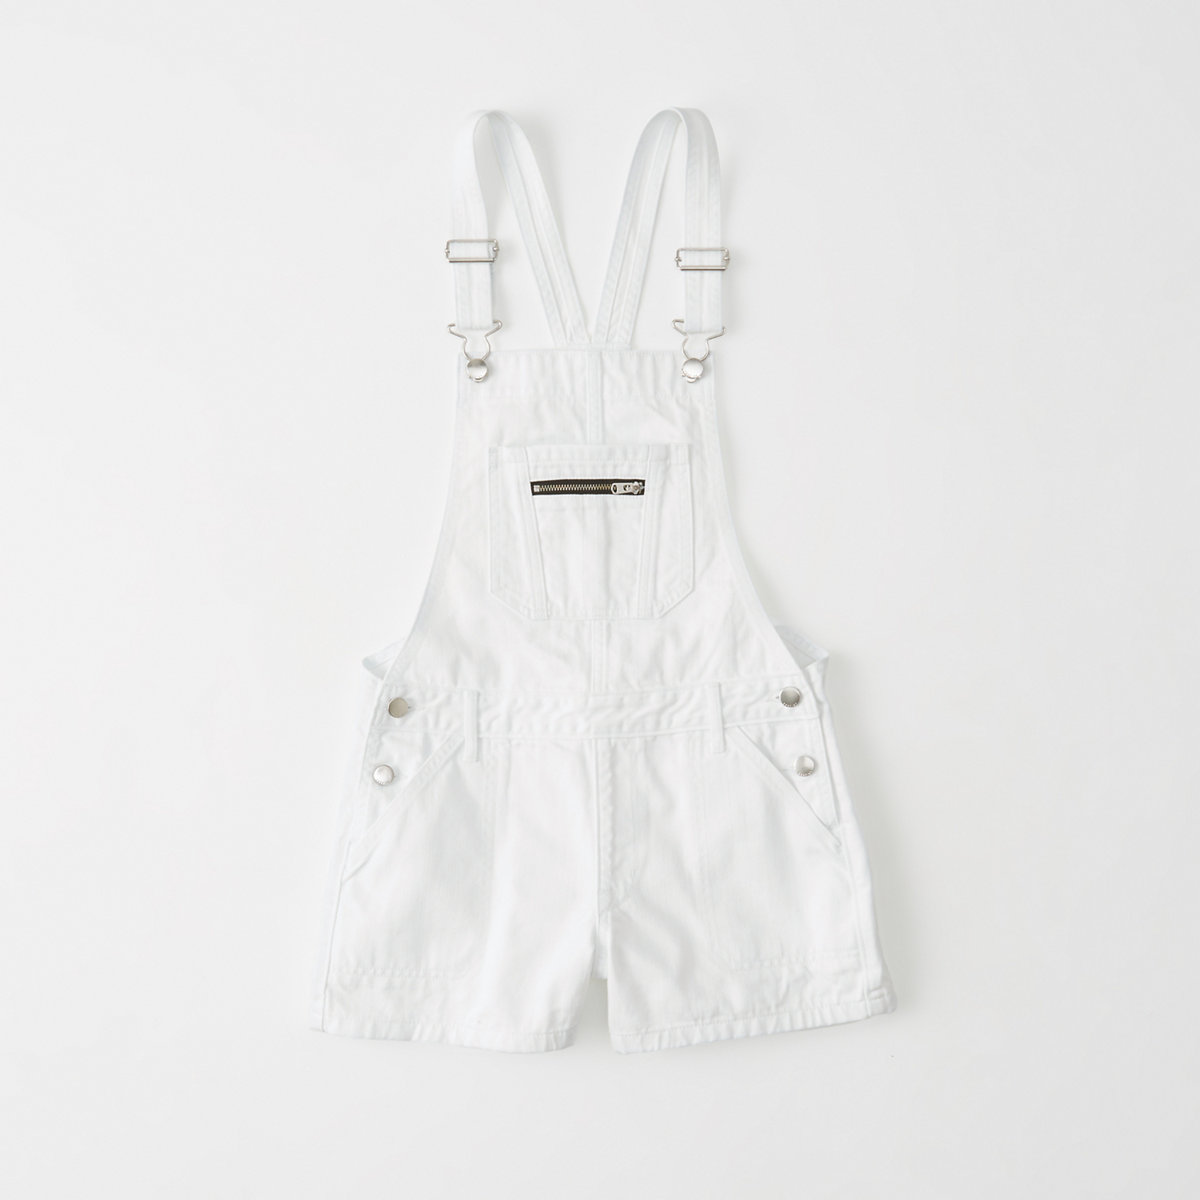 White Shortalls